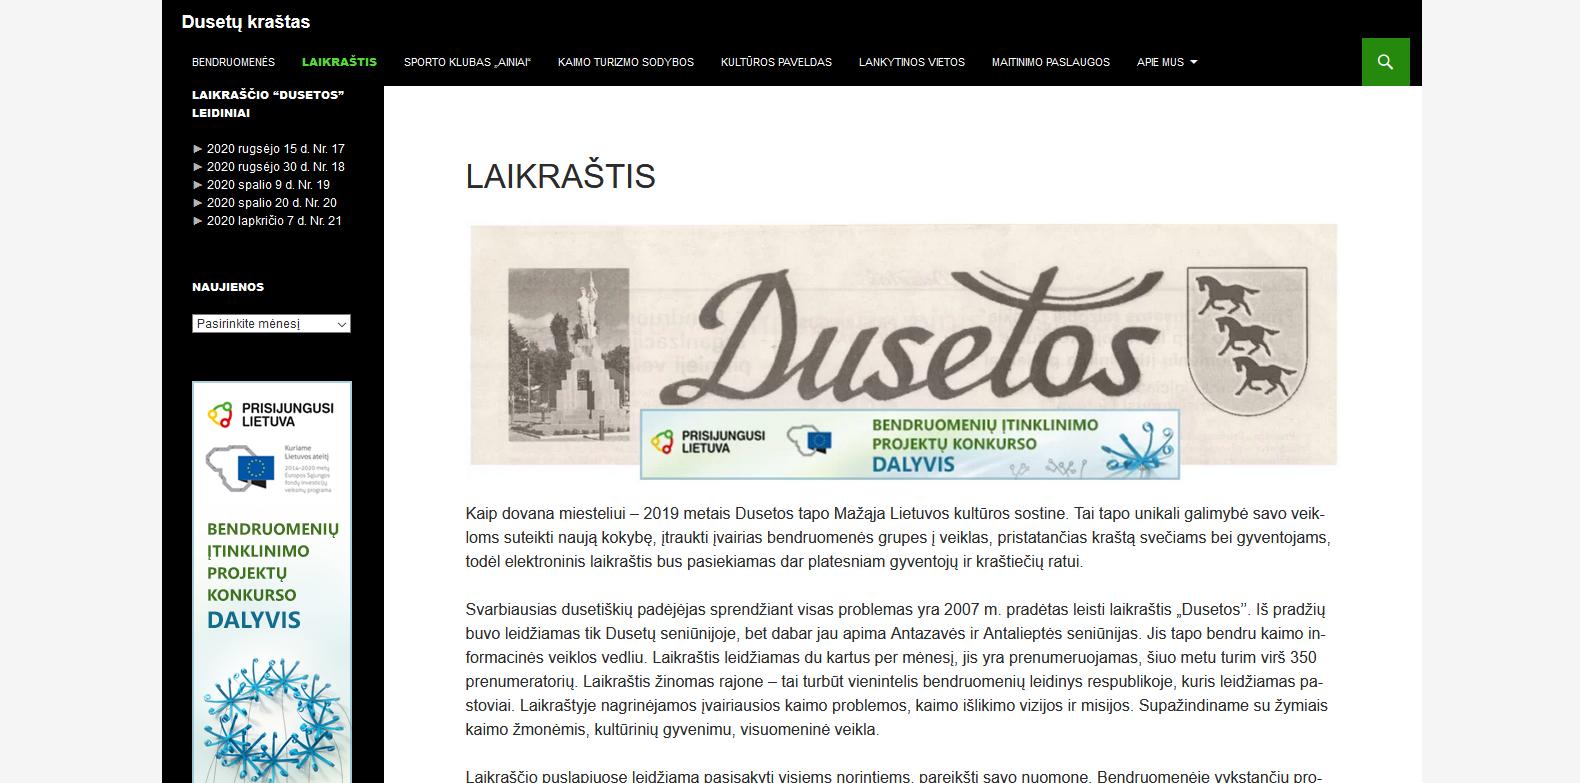 Dusetų krašto skaitmeninis laikraštis – šių dienų ir ateities žmonėms